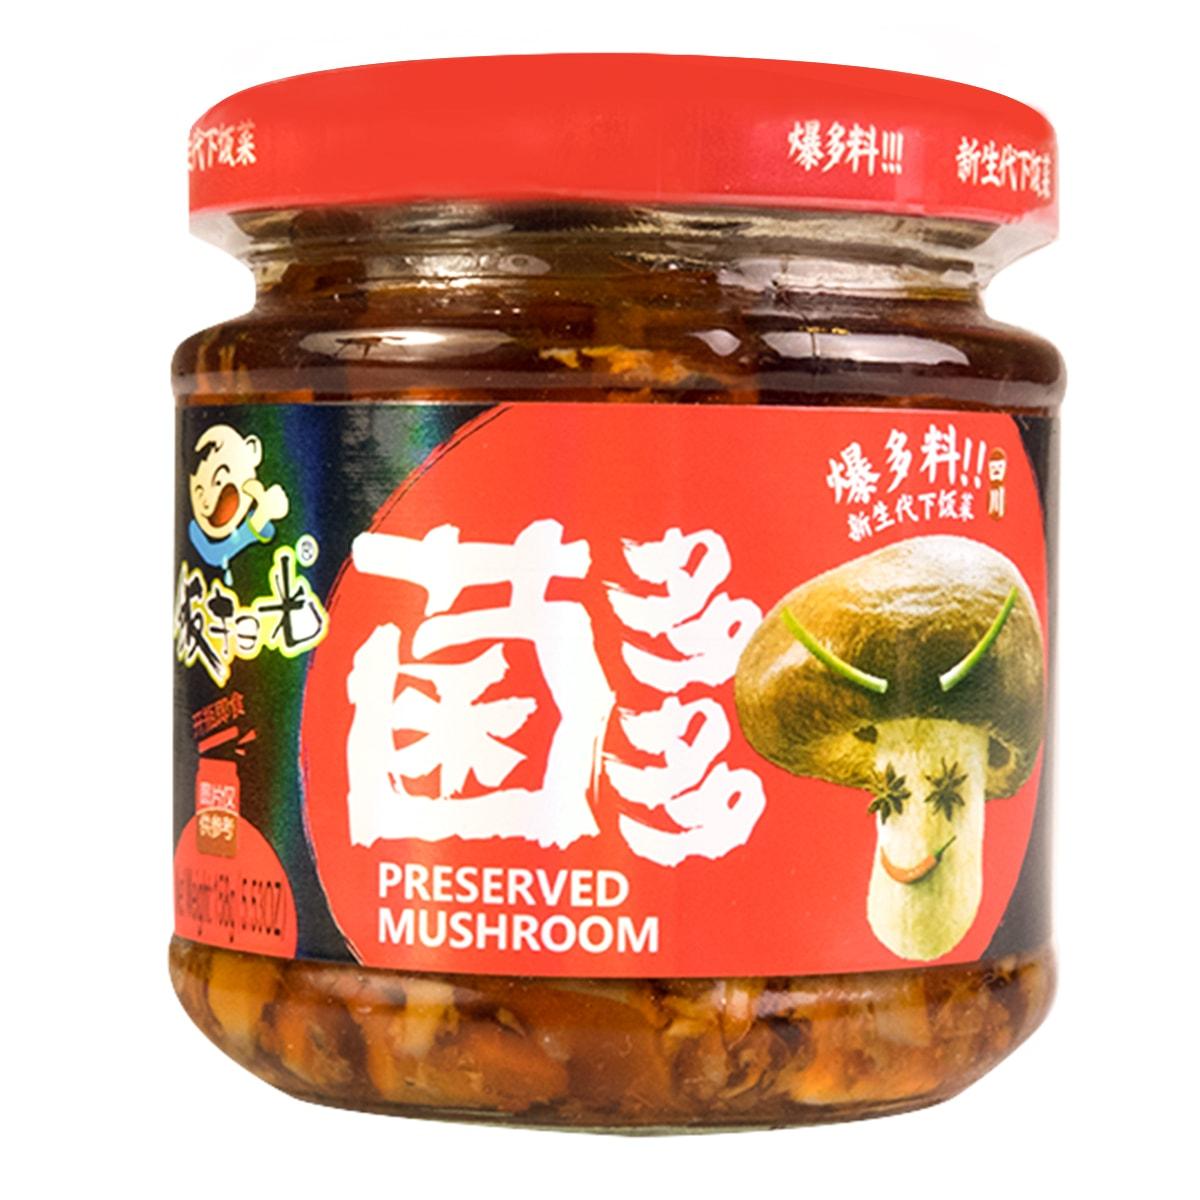 四川高福记 饭扫光爆炒菌片 菌多多 158g